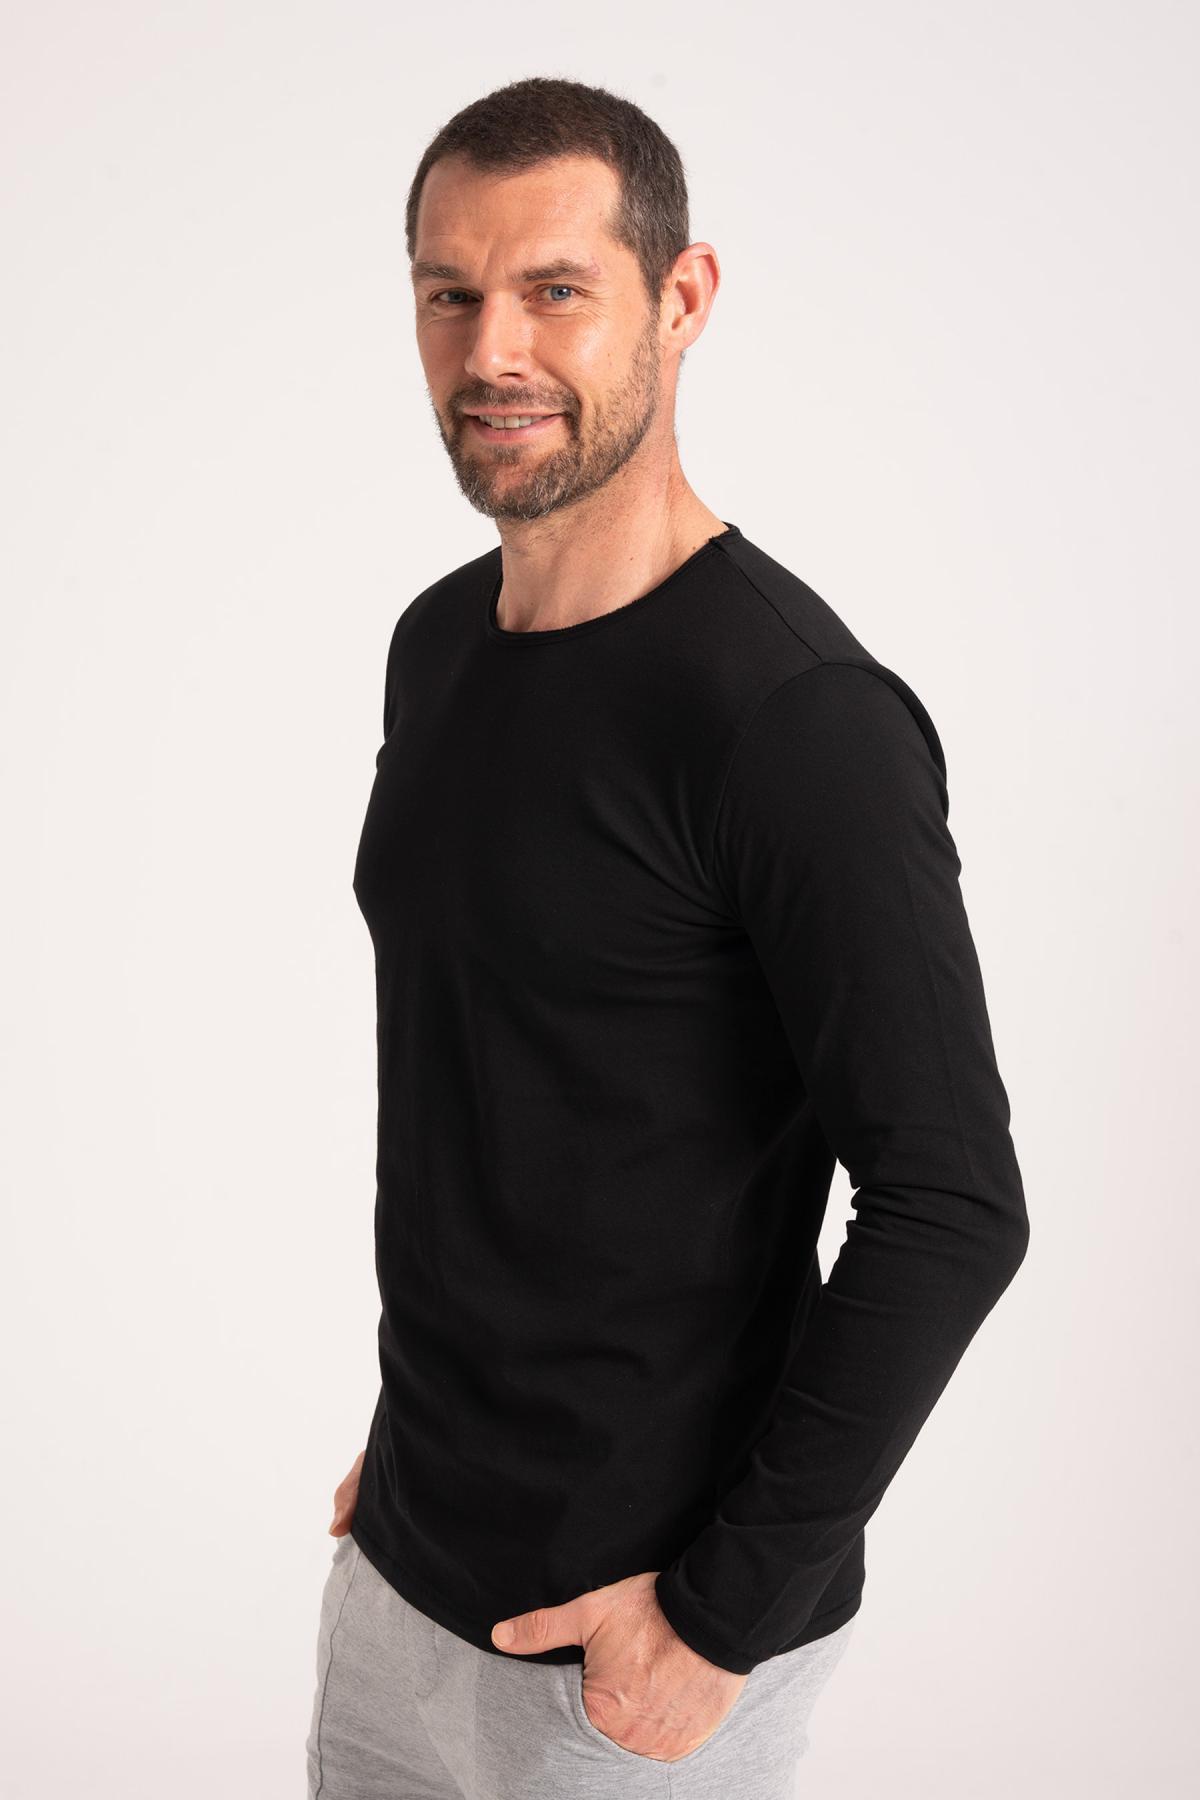 Round Neck T-Shirt 100% Cotton newces-5005-B